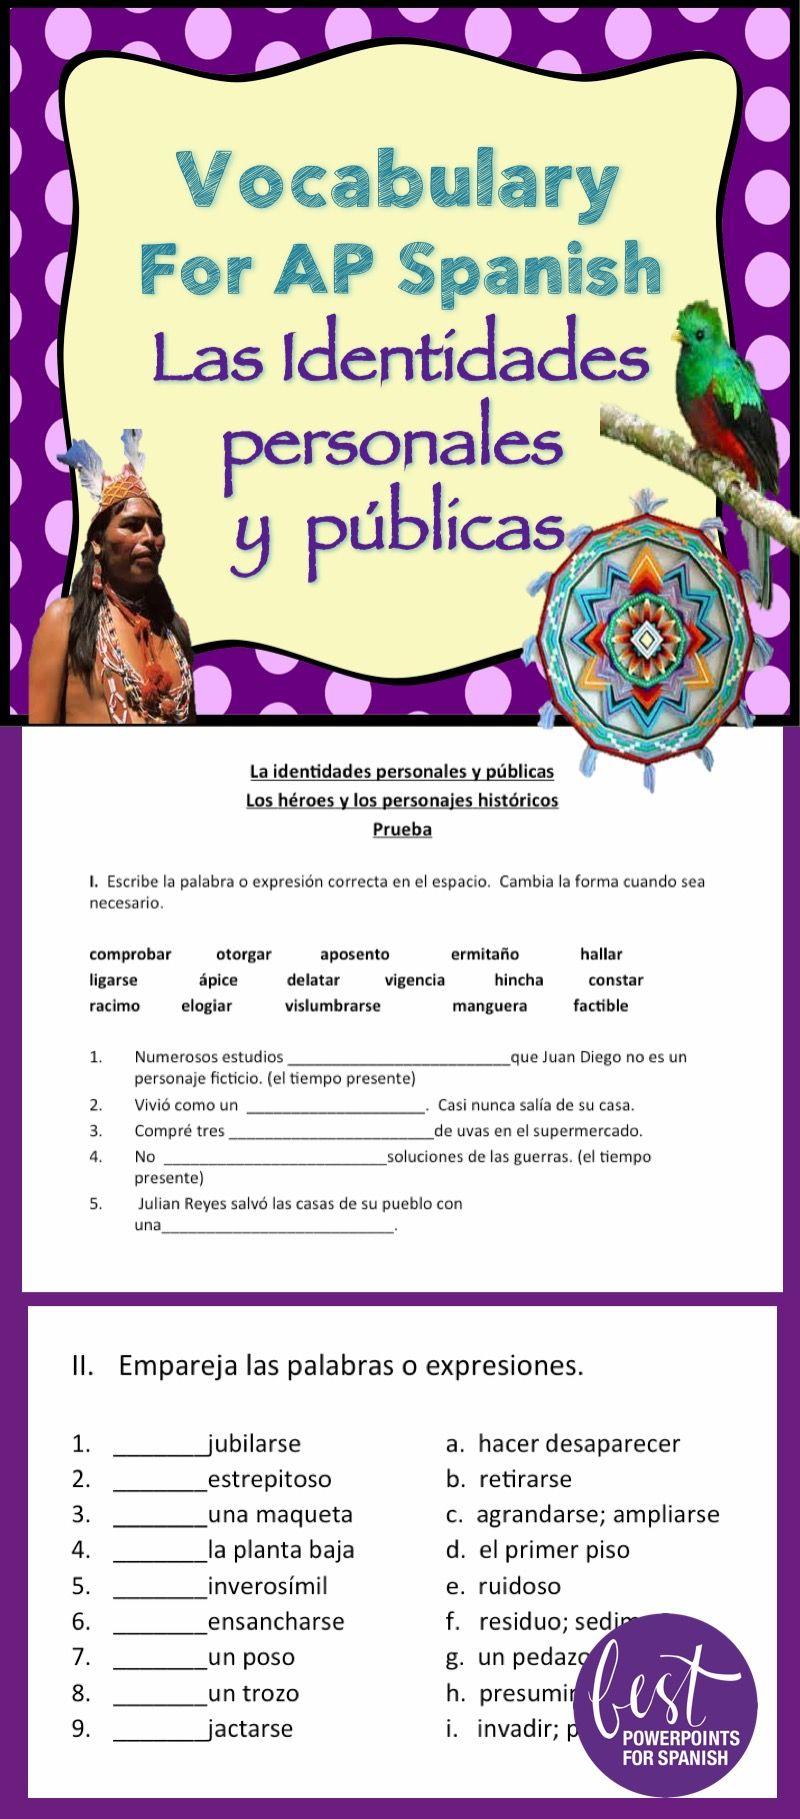 Vocabulary For Triangulo Aprobado Las Identidades Personales Y